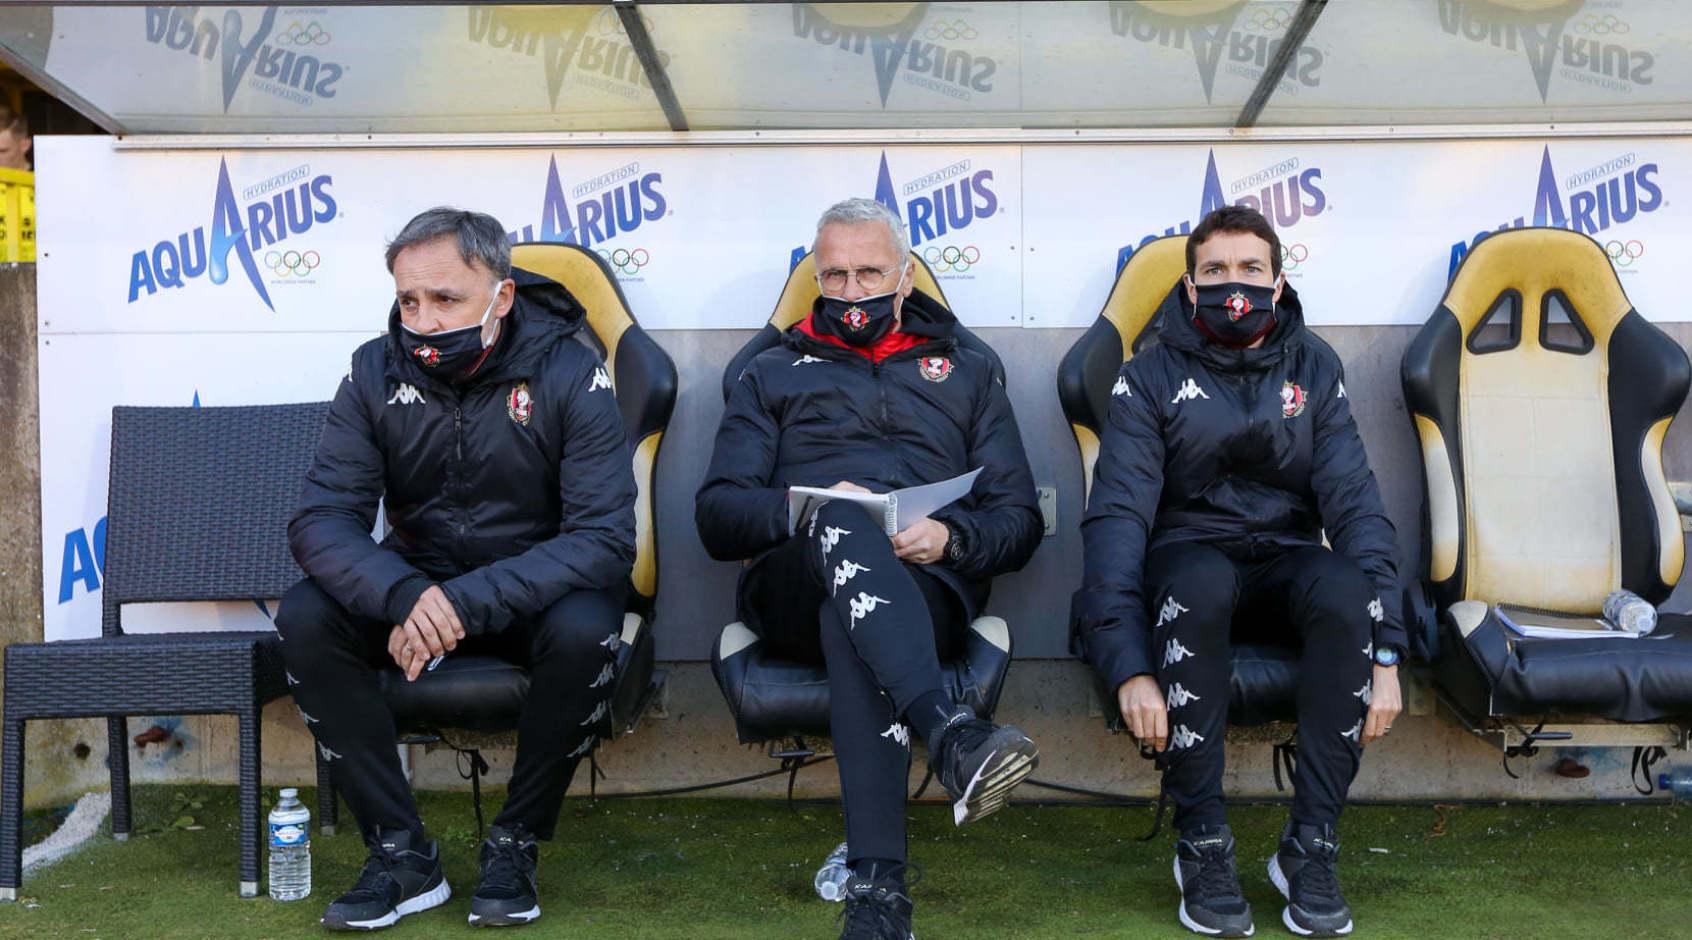 Скандал в Бельгии: клуб подделывал тесты на коронавирус, чтобы играть оптимальным составом